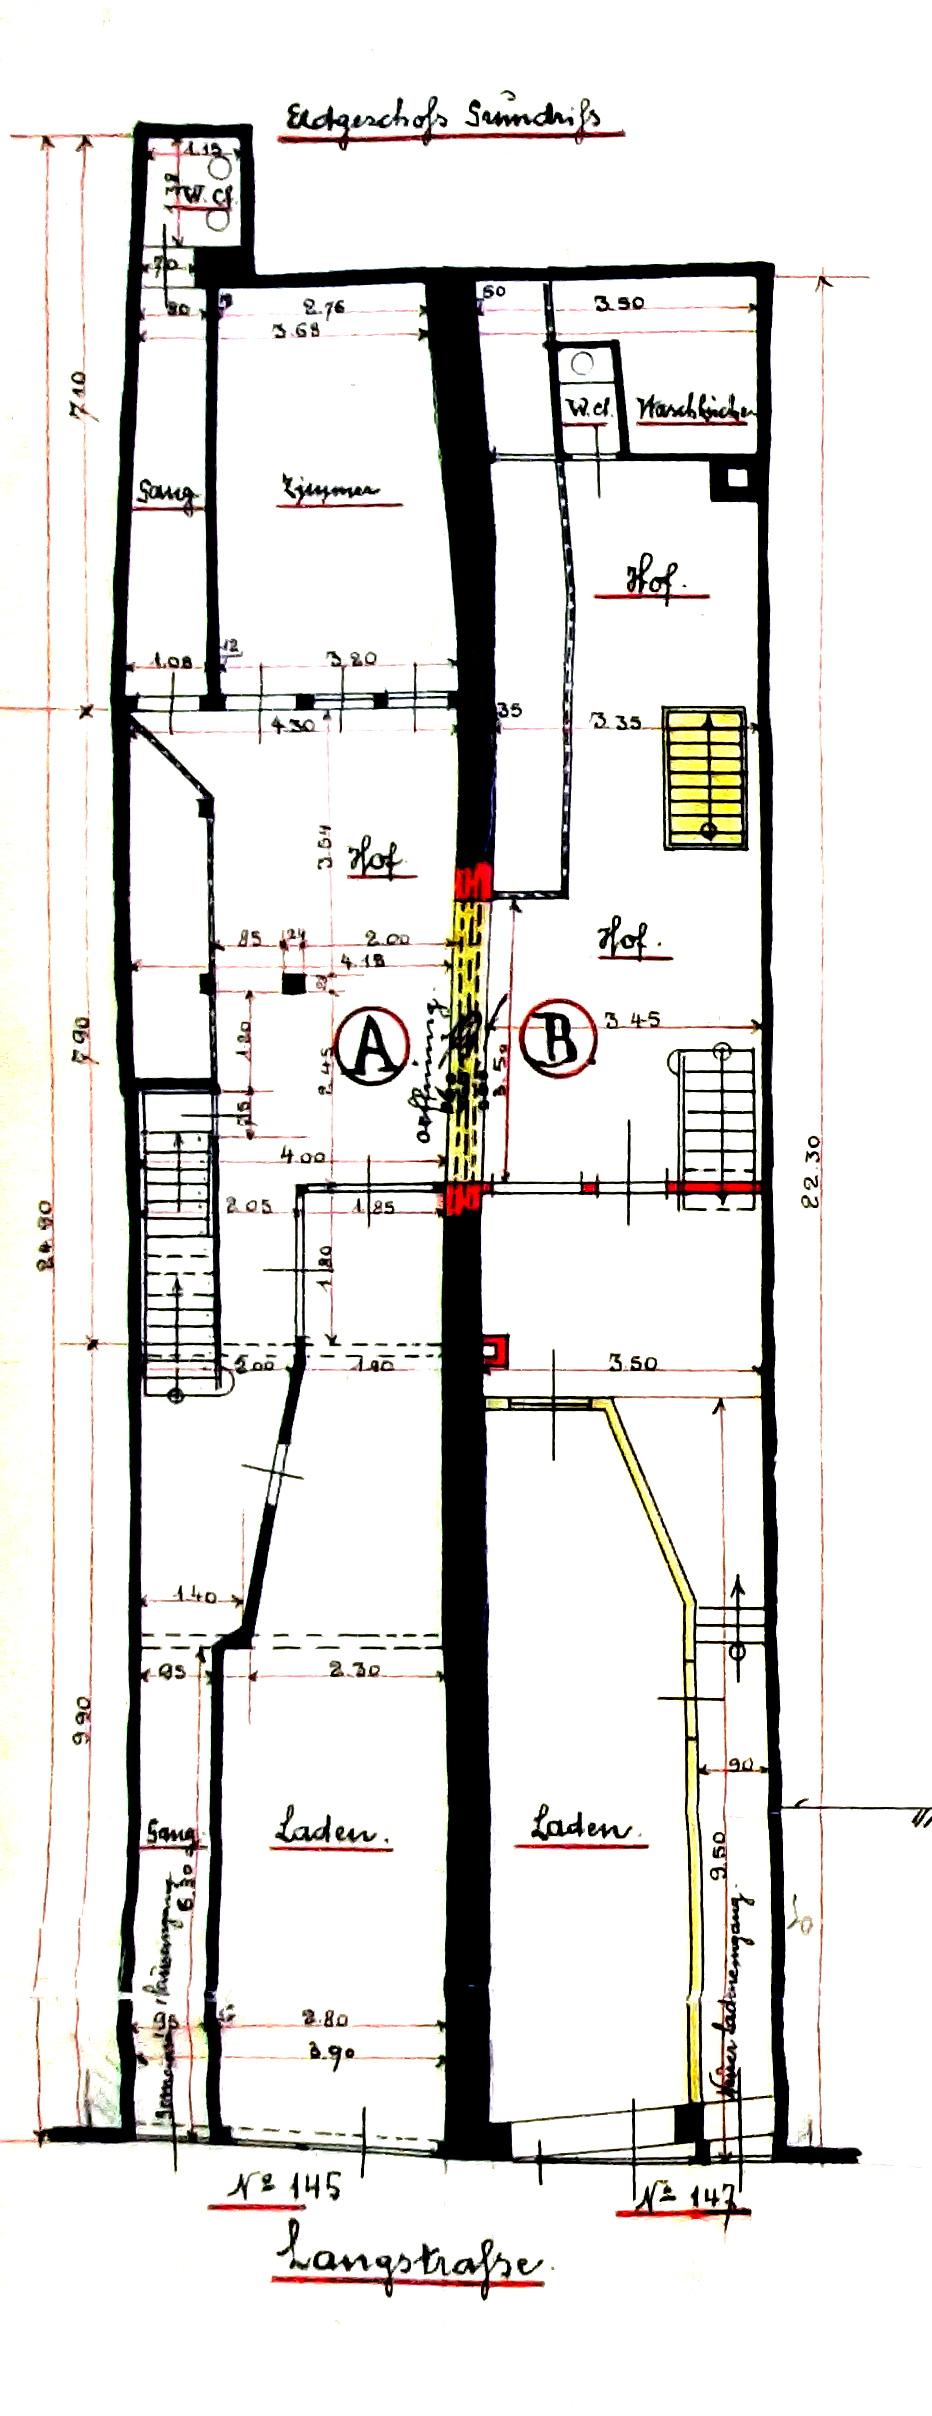 Ungewöhnlich 2004 Grand Marquis Schaltplan Galerie - Der ...